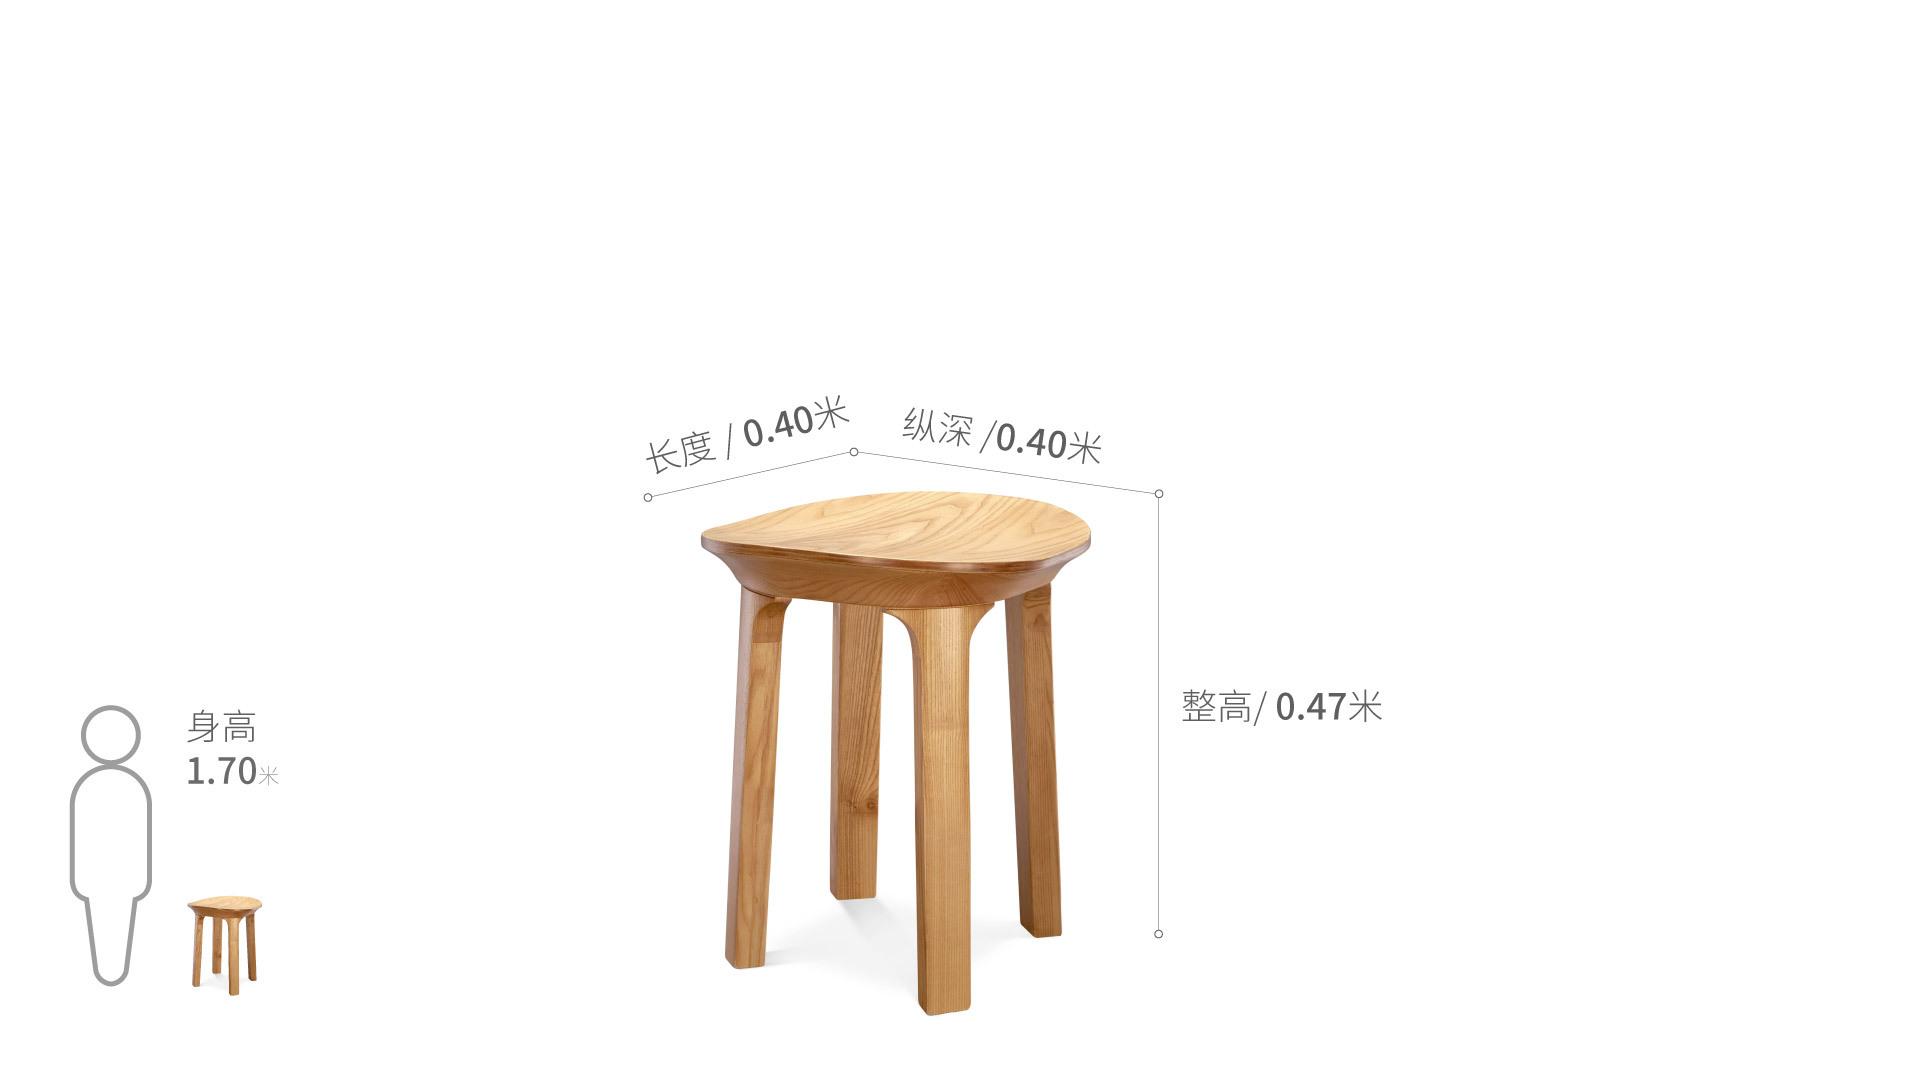 瓦檐小凳矮凳椅凳效果图